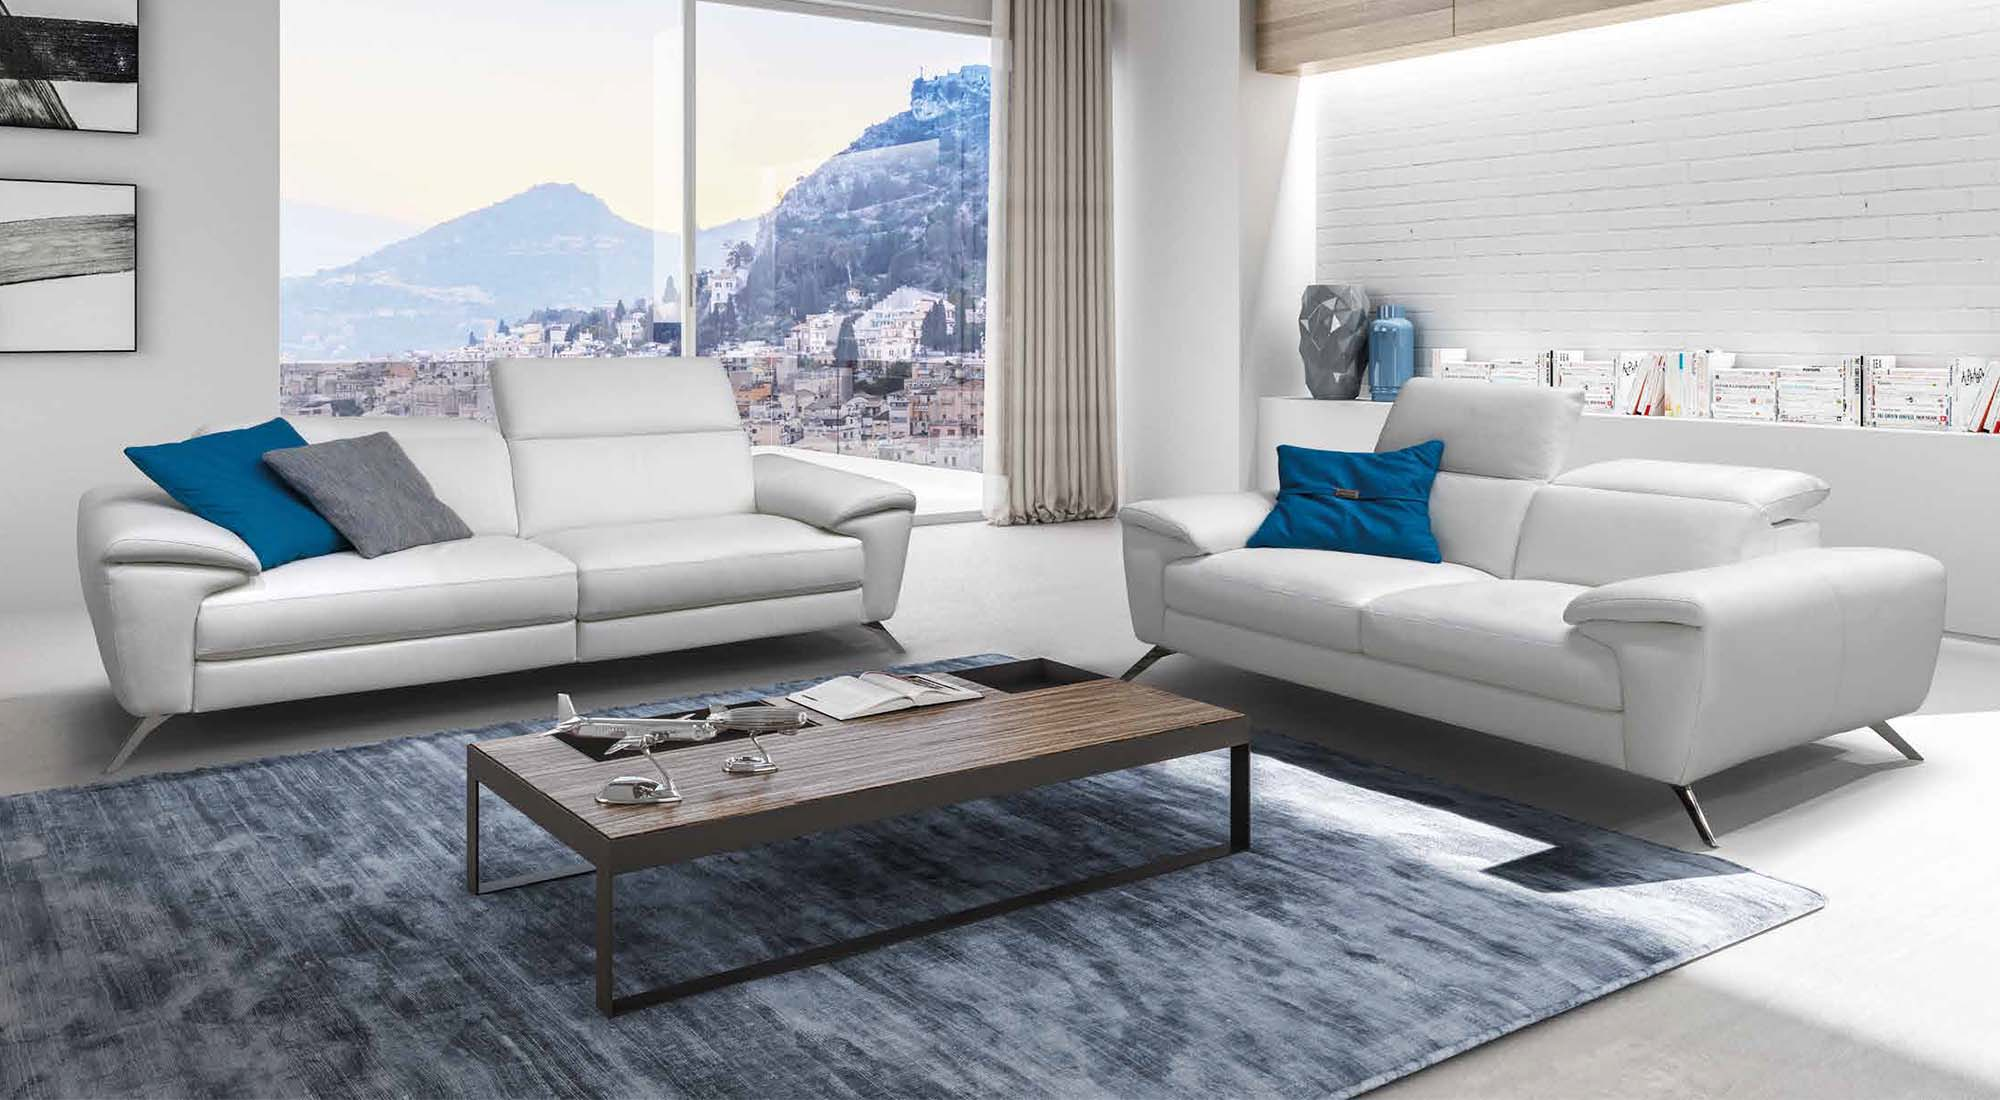 Migliori Divani In Pelle ~ Idea del Concetto di Interior Design ...